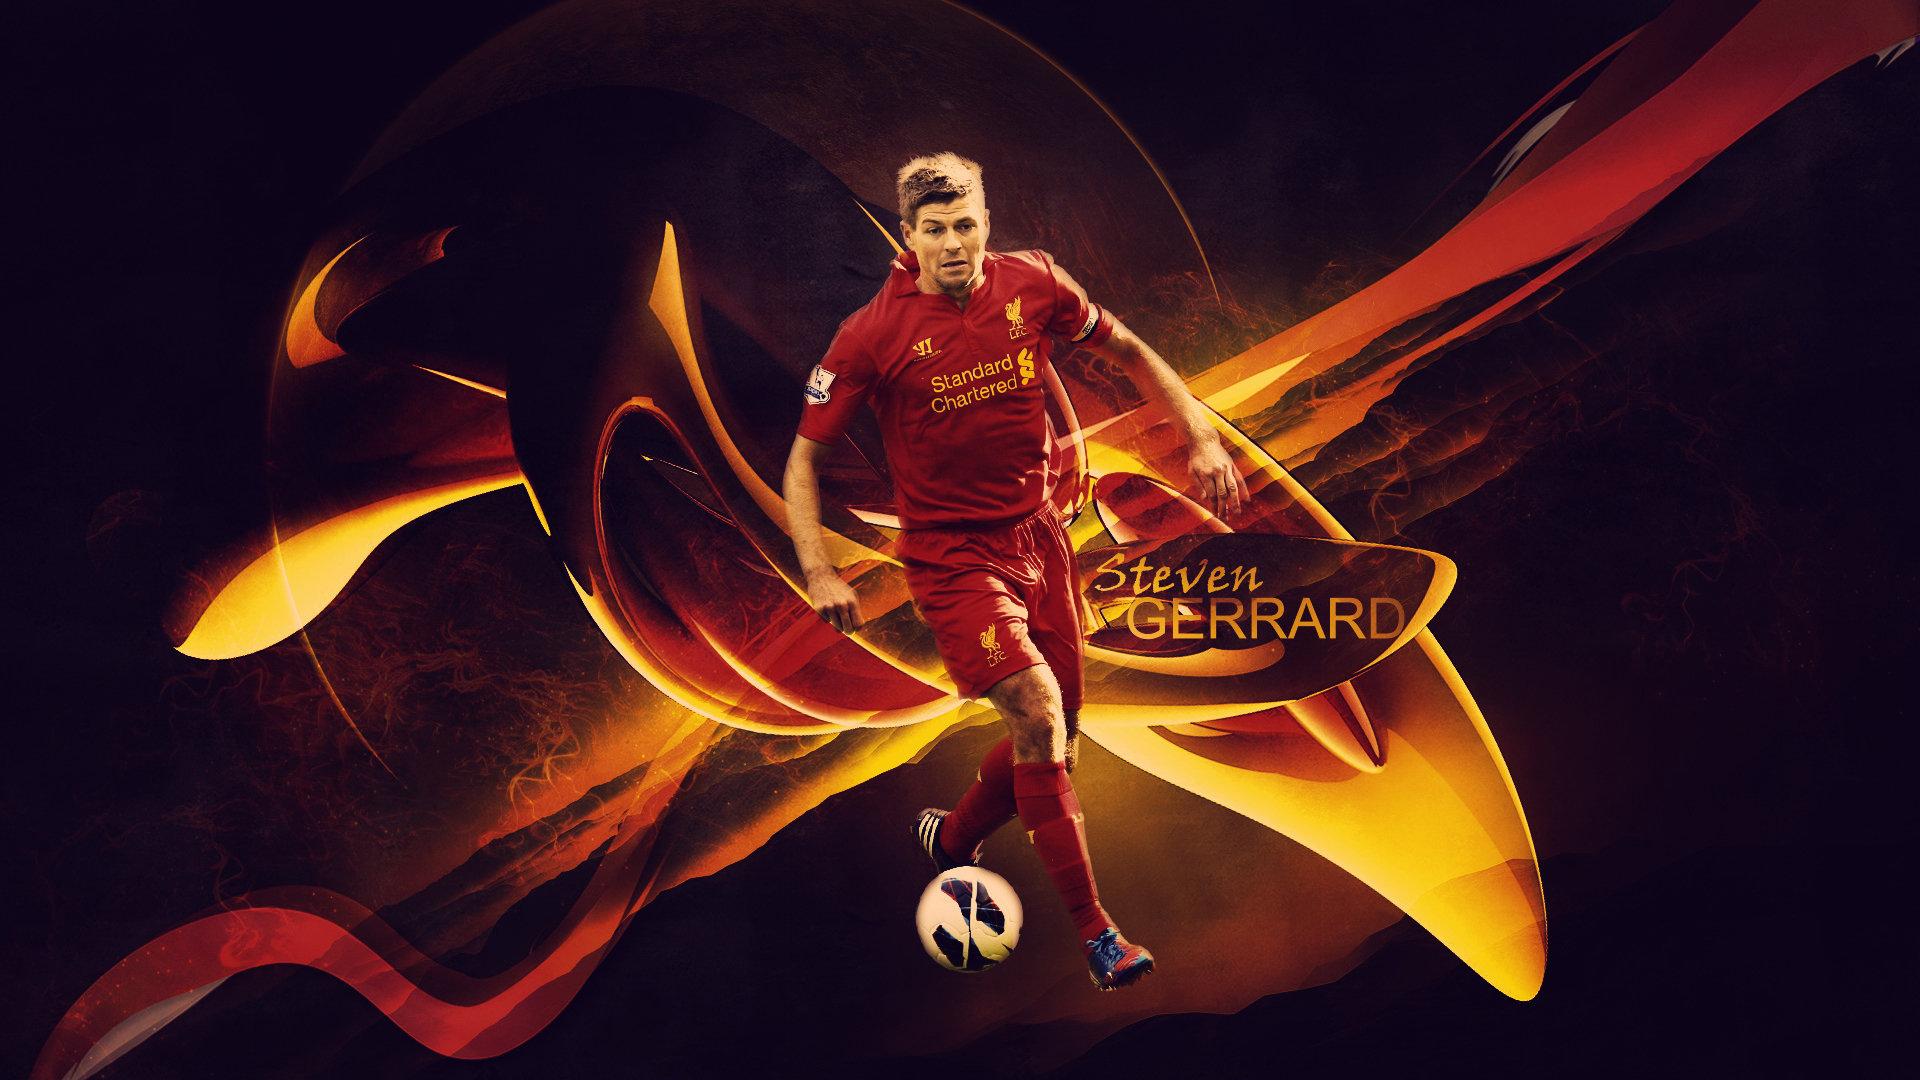 足球明星超高清图片素材